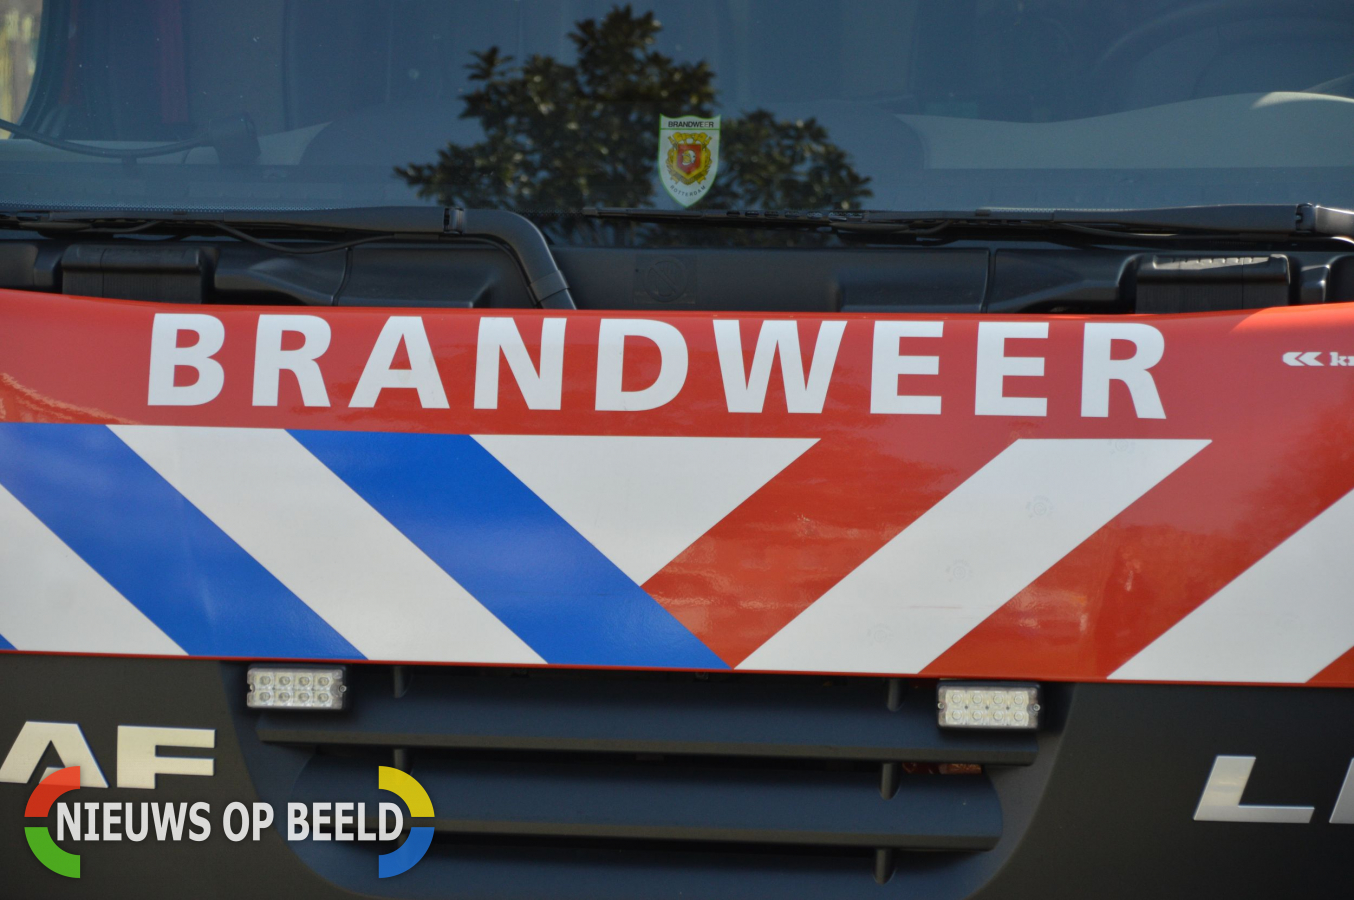 Bewoonster (94) overleden bij brand in appartementencomplex Bassin Maastricht